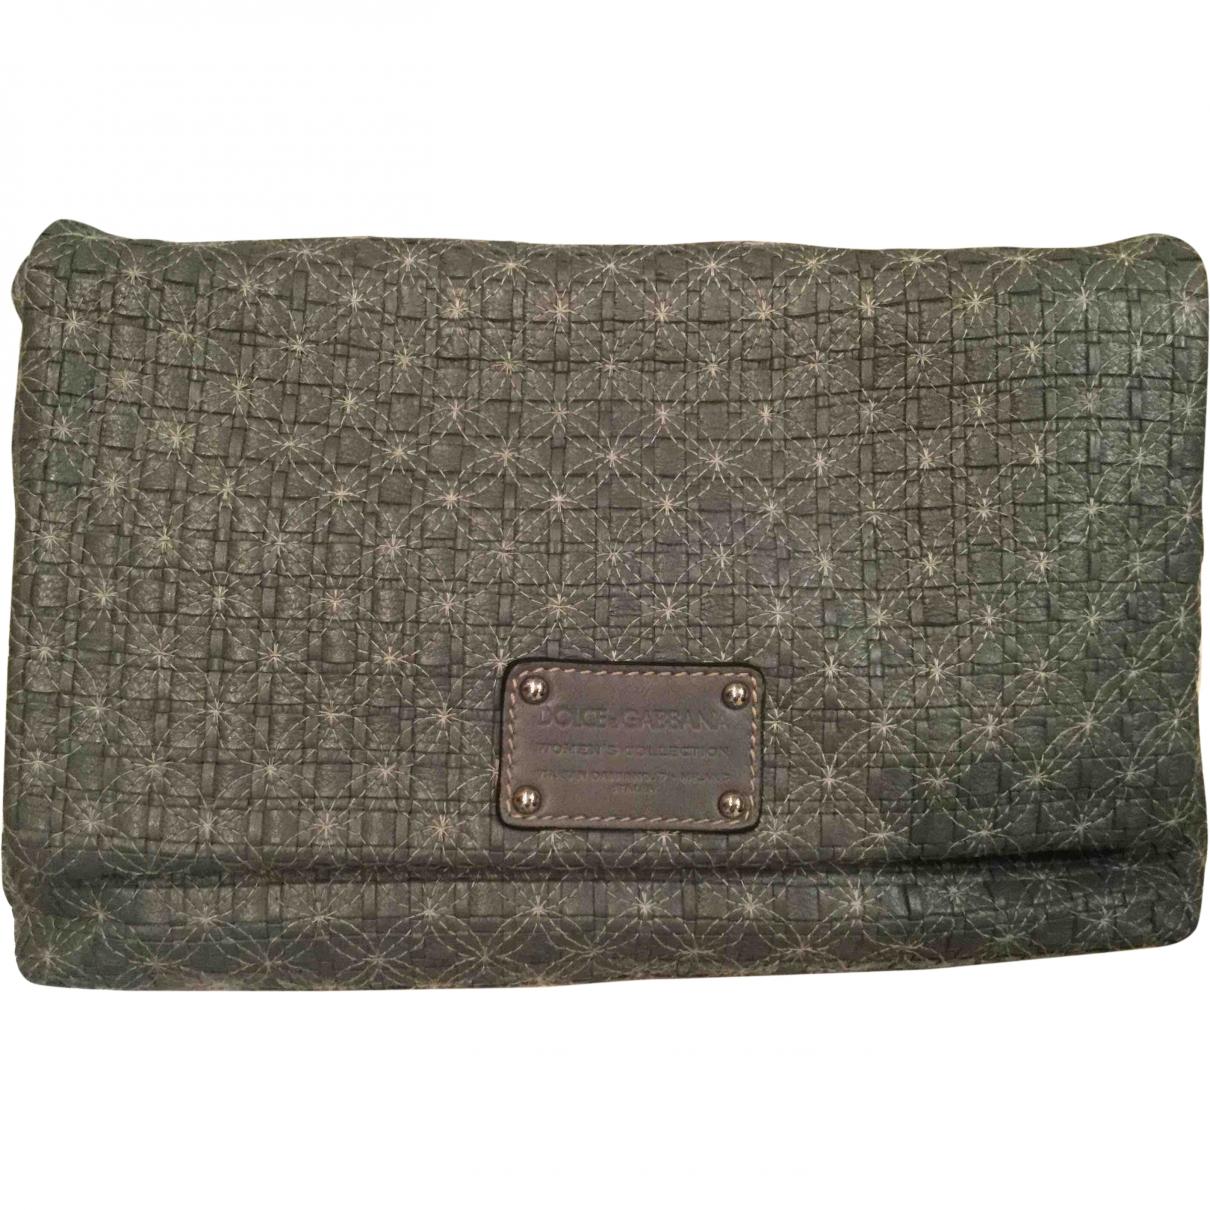 Dolce & Gabbana \N Grey Leather Clutch bag for Women \N